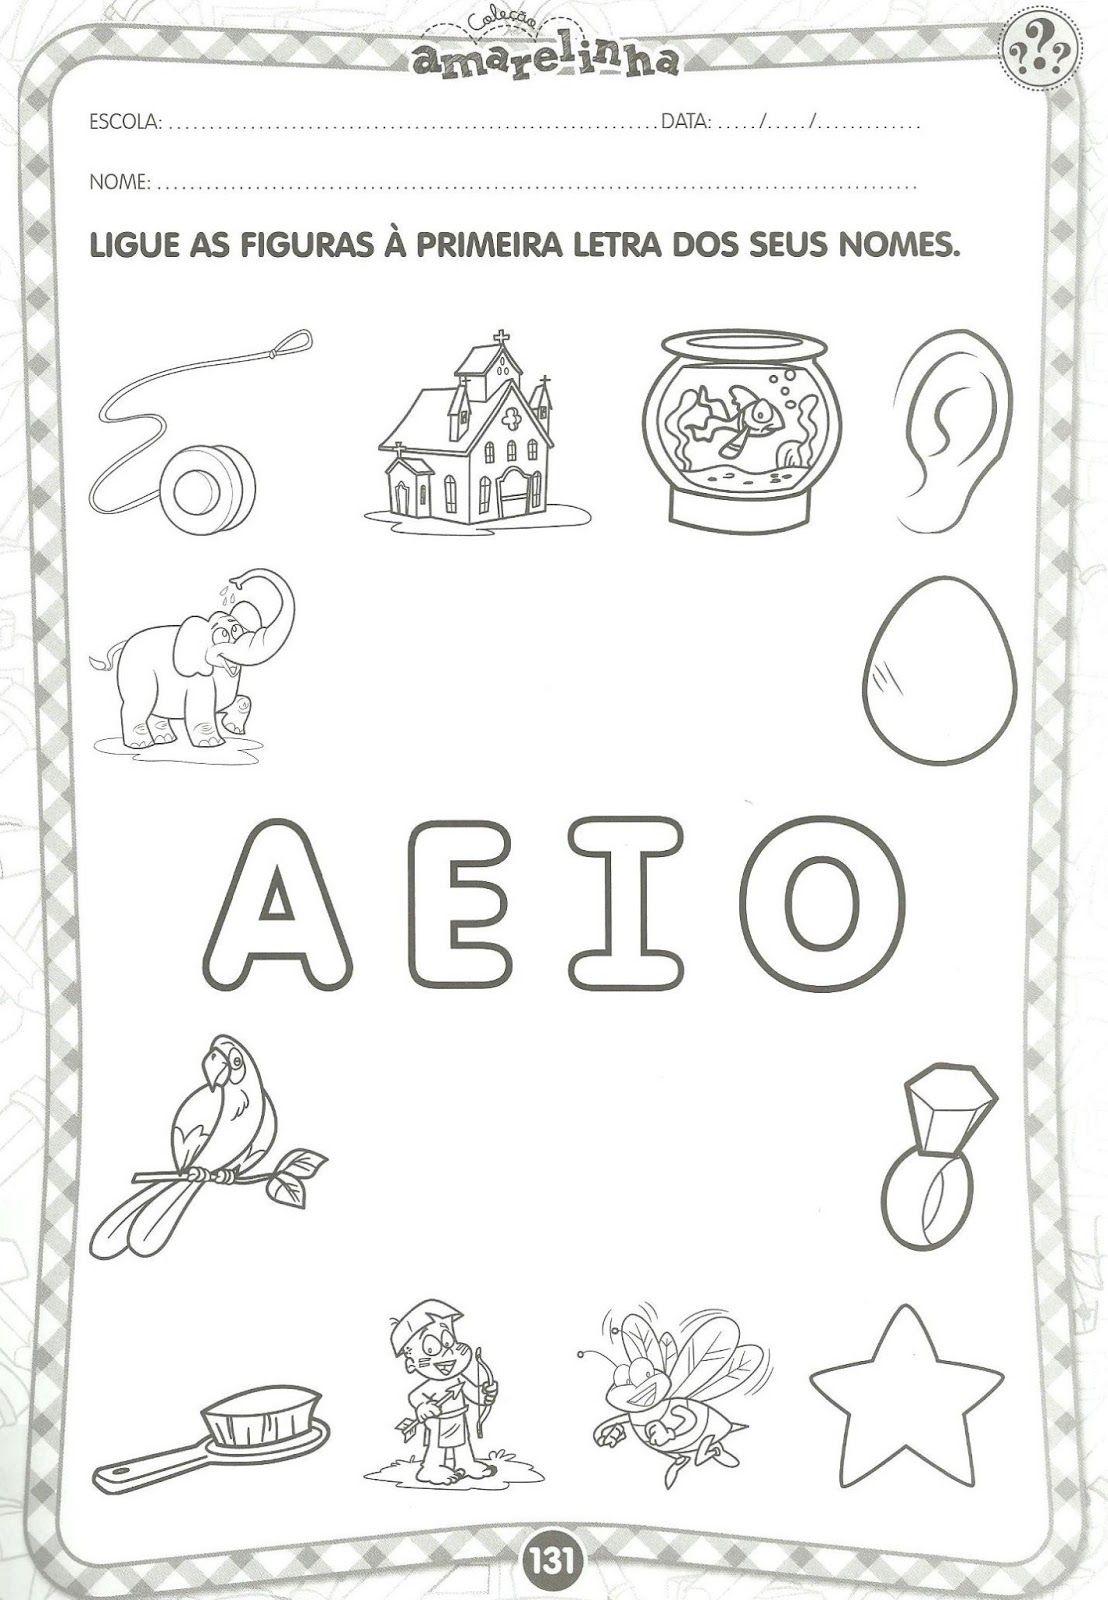 Conhecido Atividades Educativas com vogais | Samara AO22